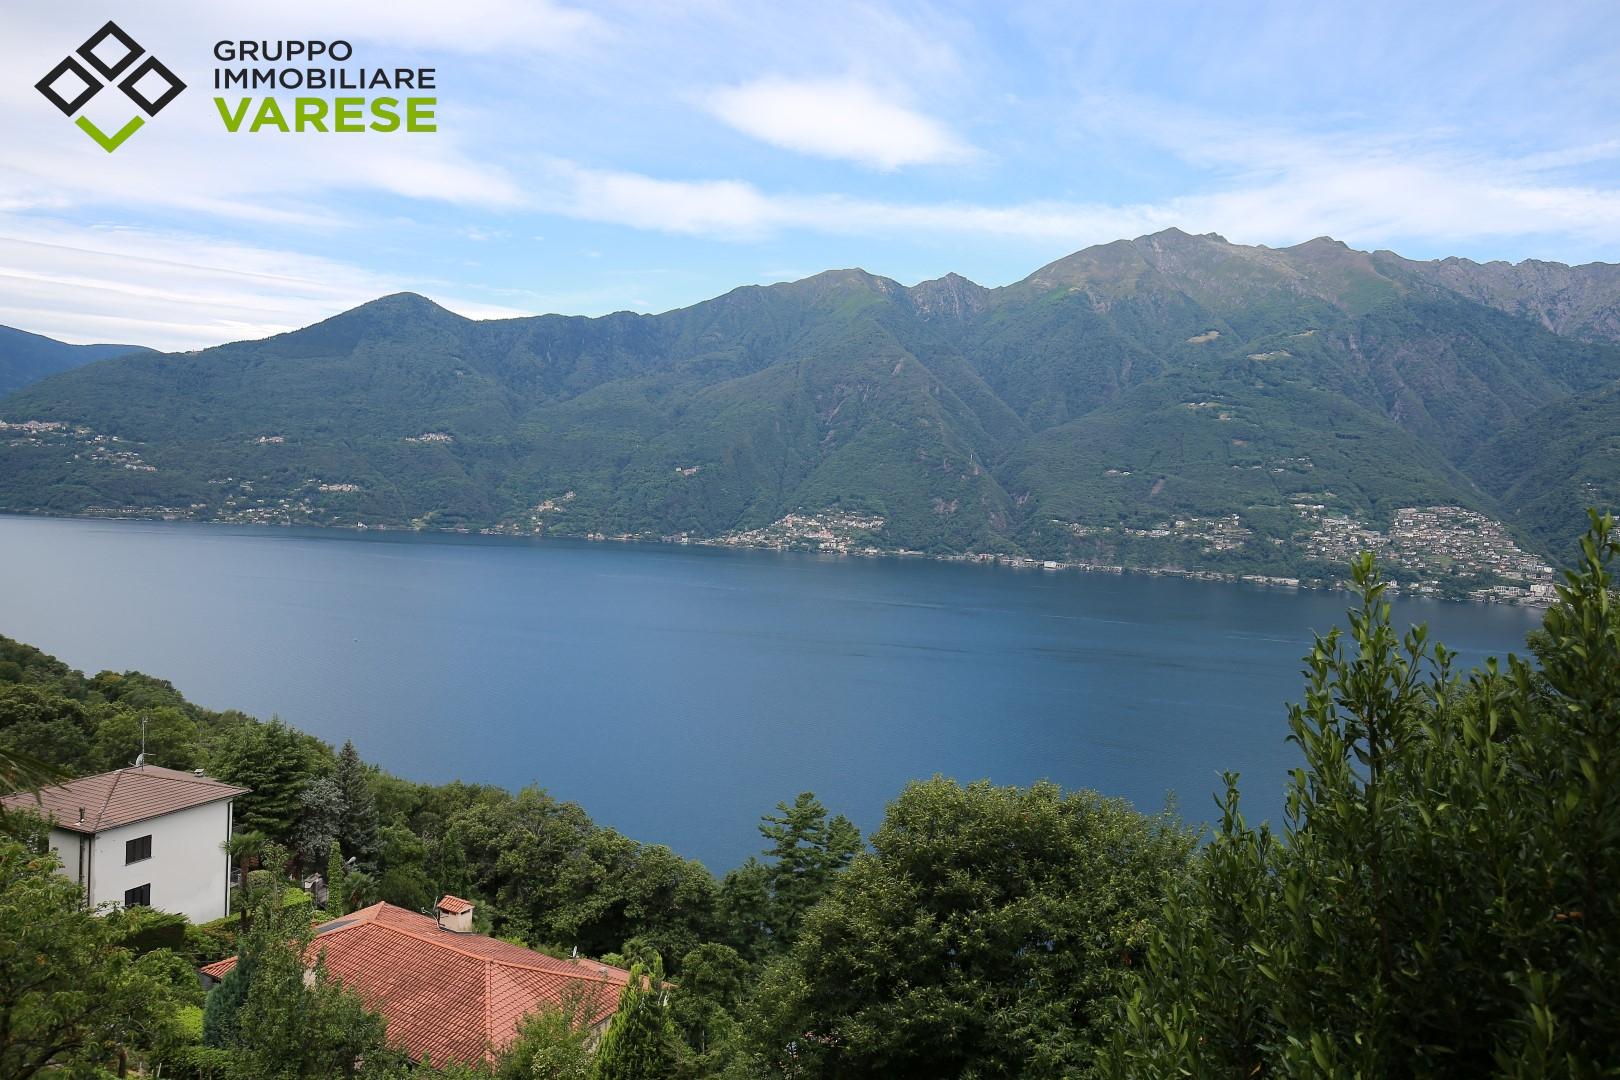 Soluzione Indipendente in vendita a Tronzano Lago Maggiore, 6 locali, prezzo € 187.896 | CambioCasa.it